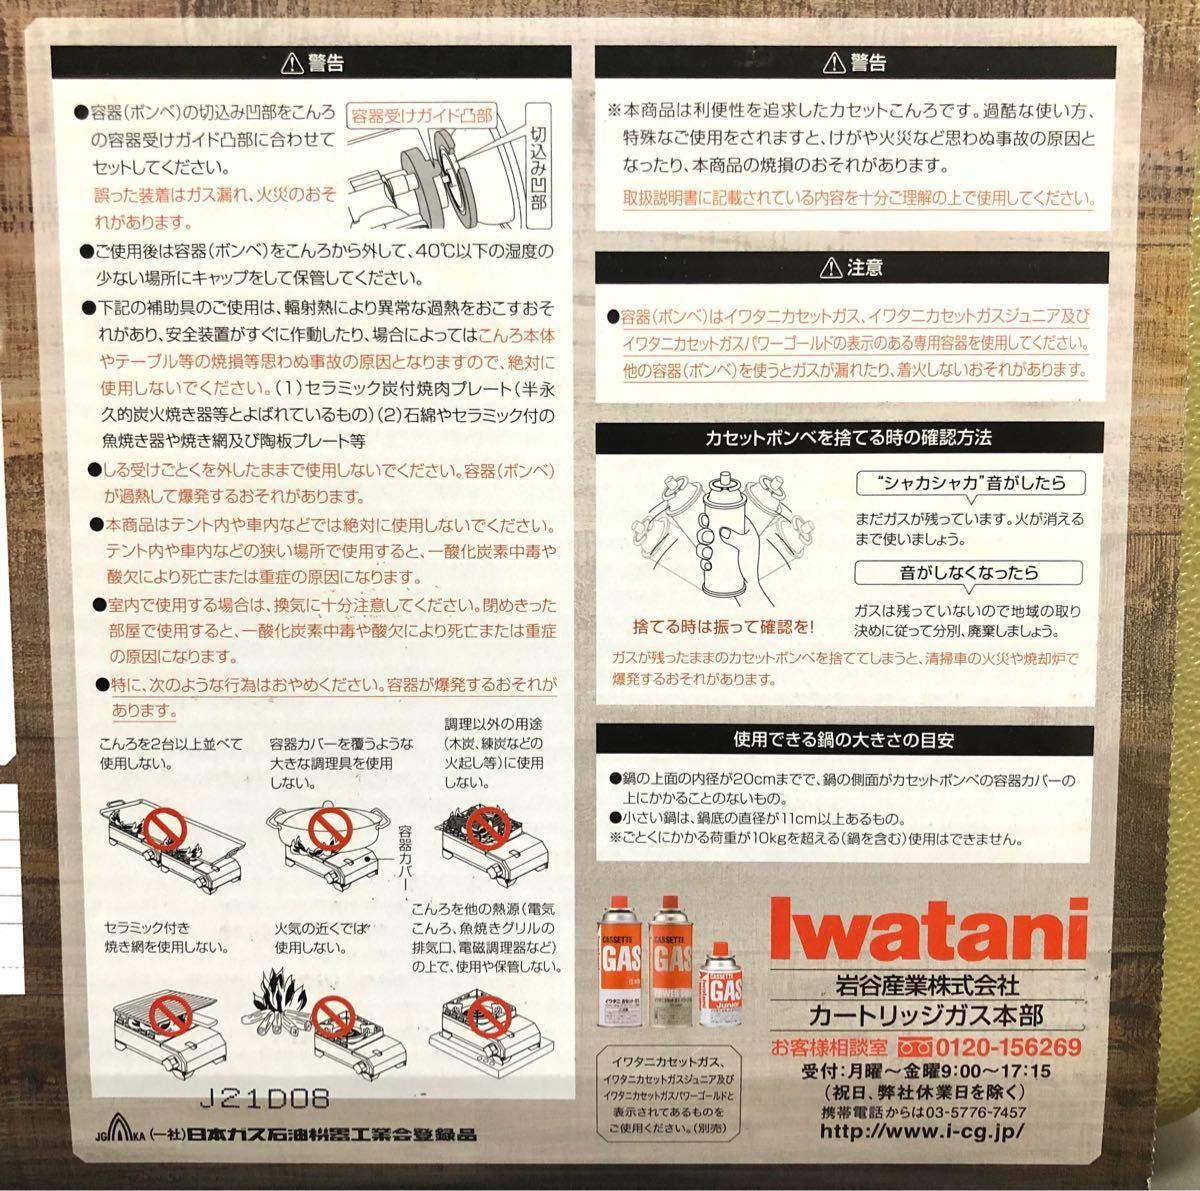 イワタニカセットフー タフまるJr. コンロ CB-ODX-JR